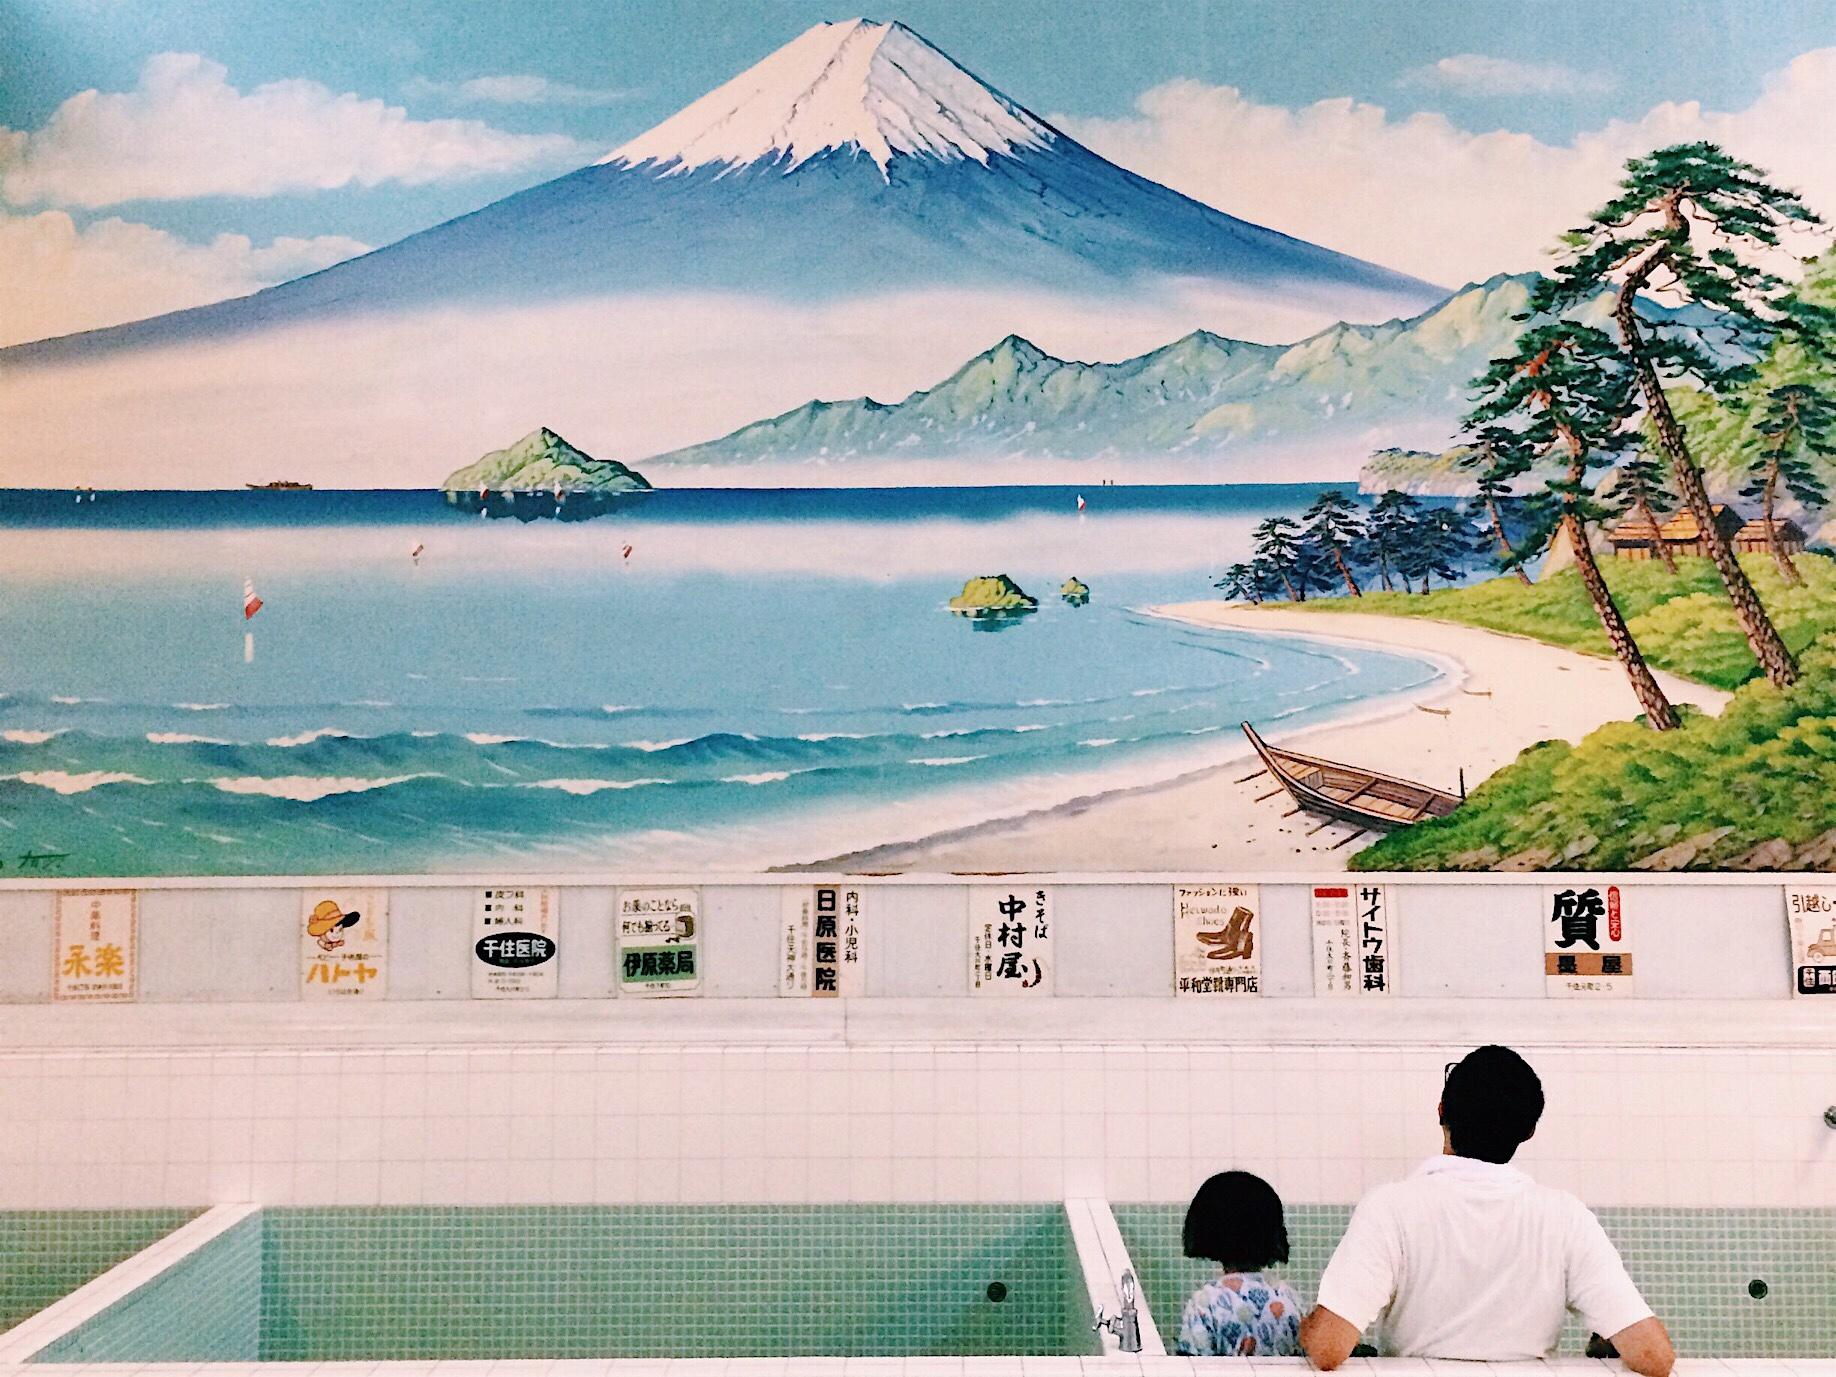 攝於 江戸東京たてもの園 內錢湯展示,所以浴池沒水,也不能洗澡。2015